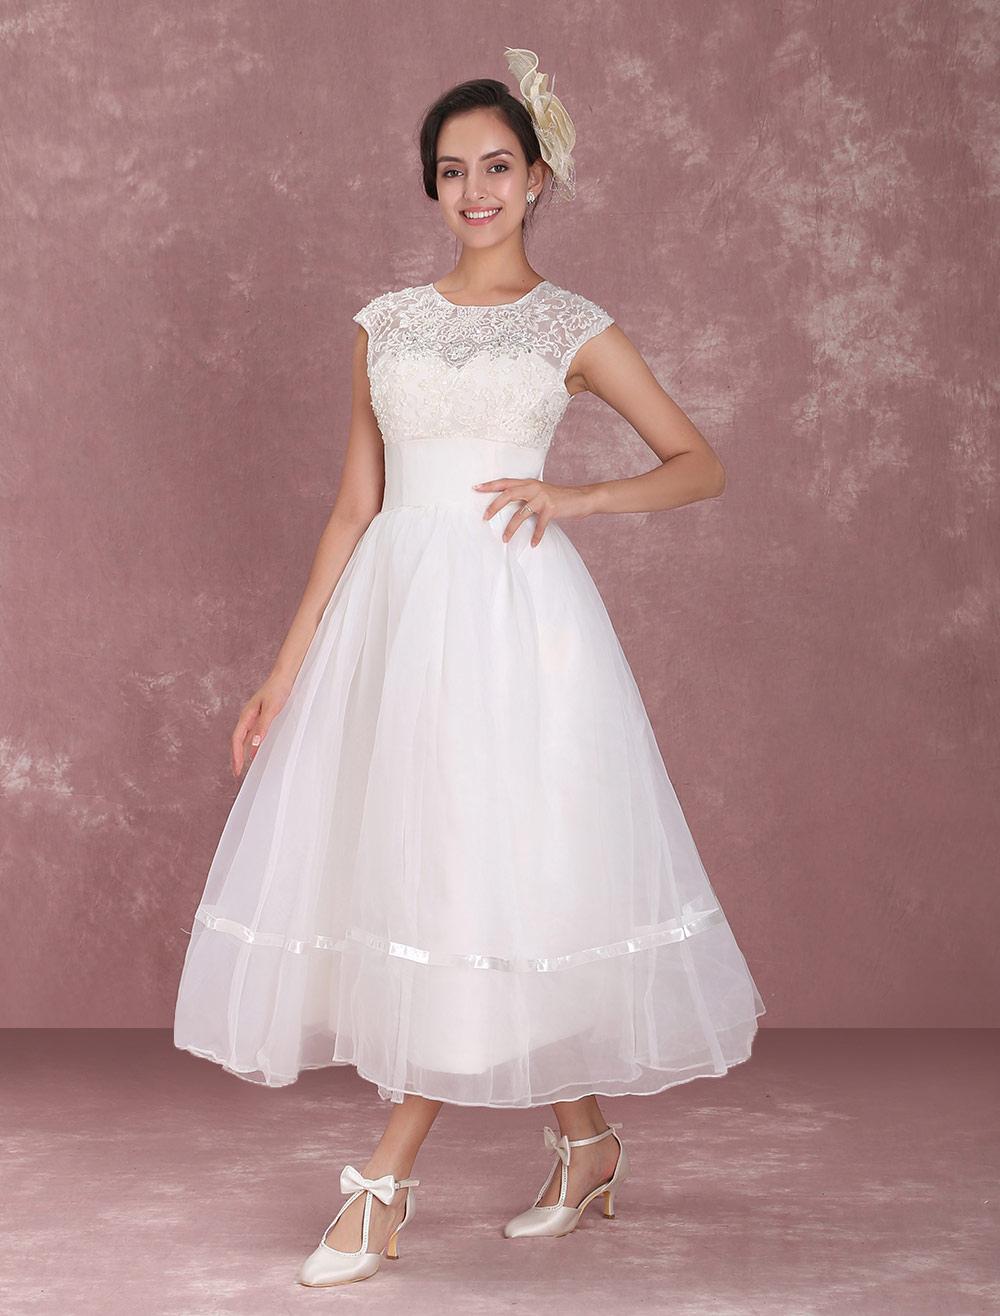 Tüll A-Linie-Brautkleid mit Rundkragen und Deko-Applikation ...